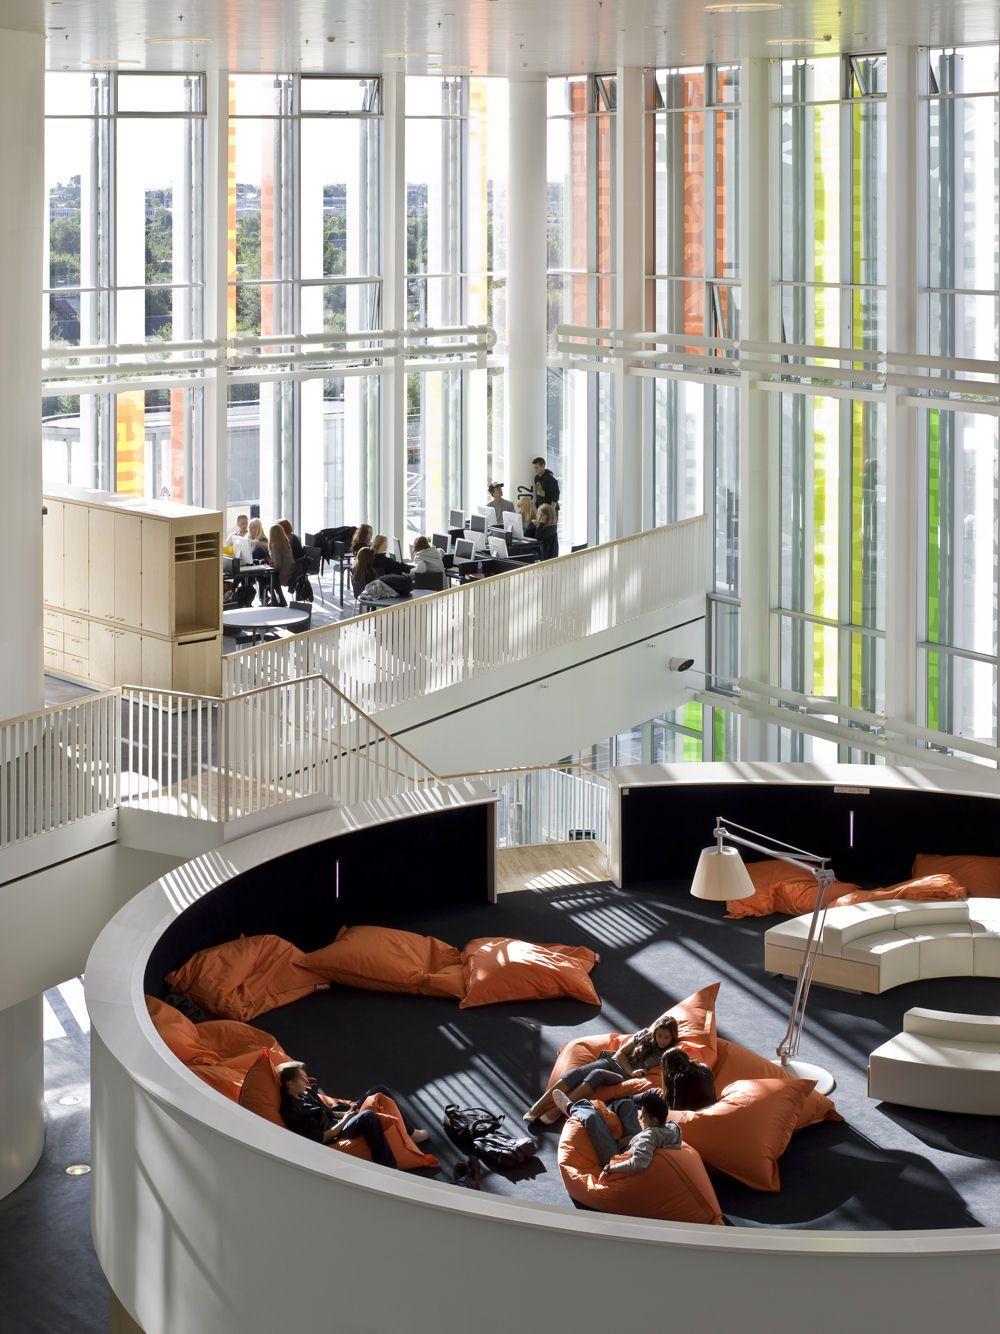 Awesome Interior Design Schools Interior Design Minimalist Japanesia Classroom Arsitektur Sekolah Arsitektur Interior Retail